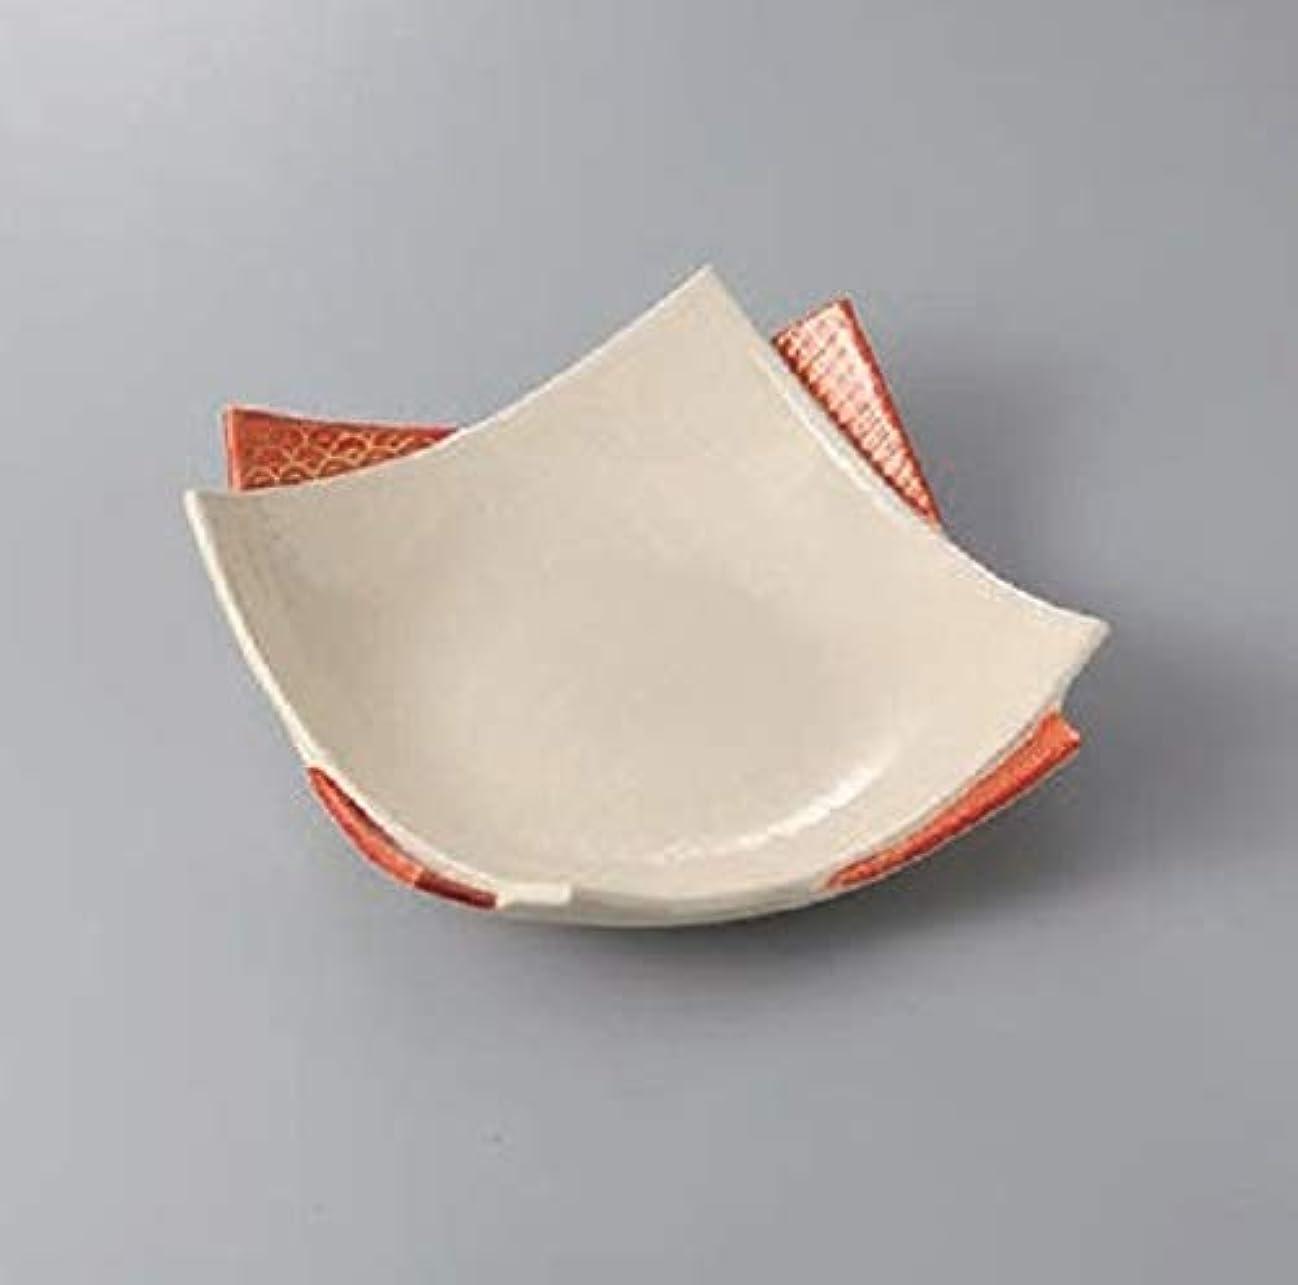 六お手入れアジアエールネット(Ale-net) 大皿 白 20.4cm 赤絵重ね皿(大) 美濃焼